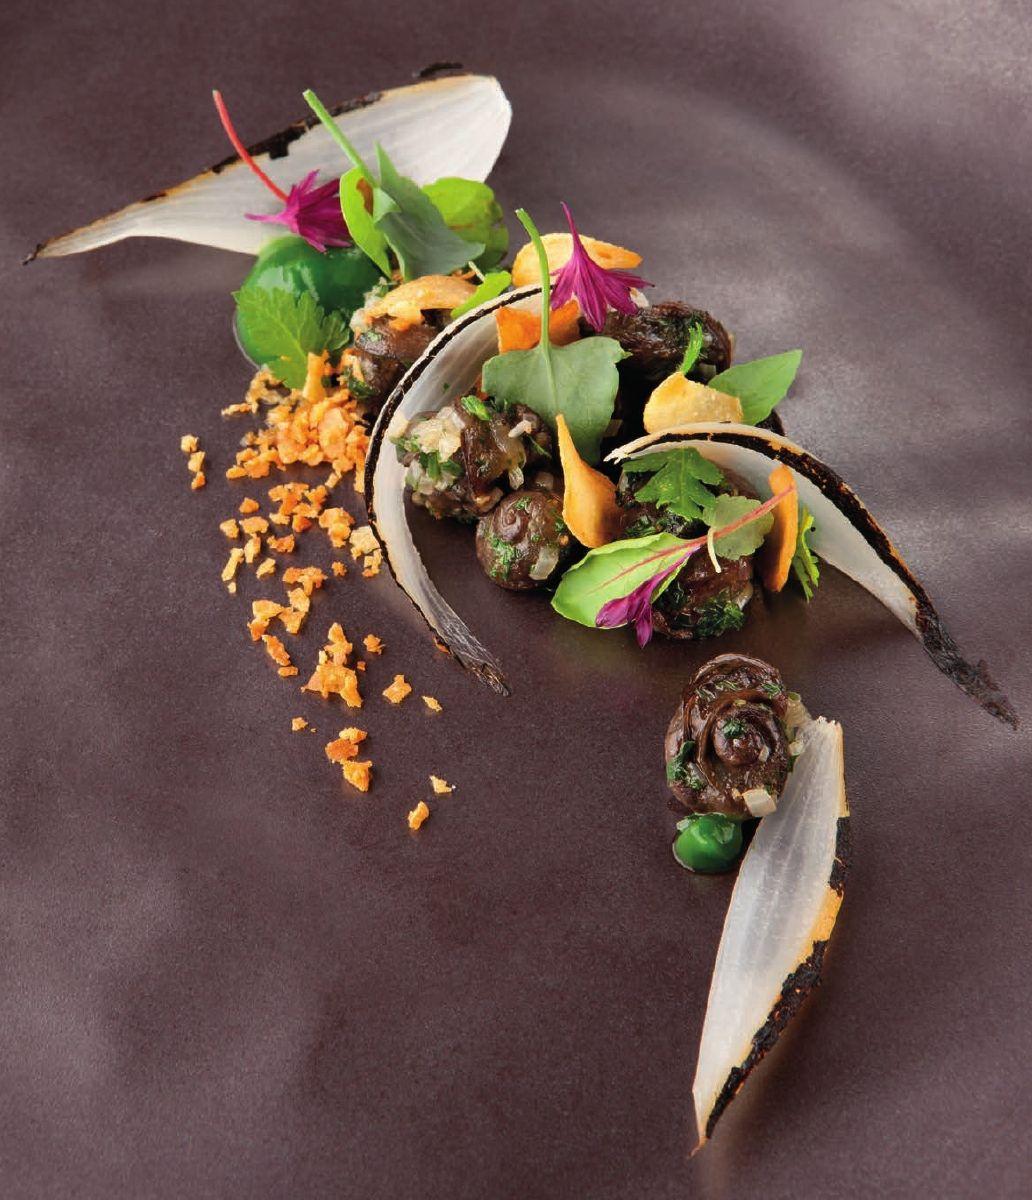 Naamse slak met puree van groene kruiden